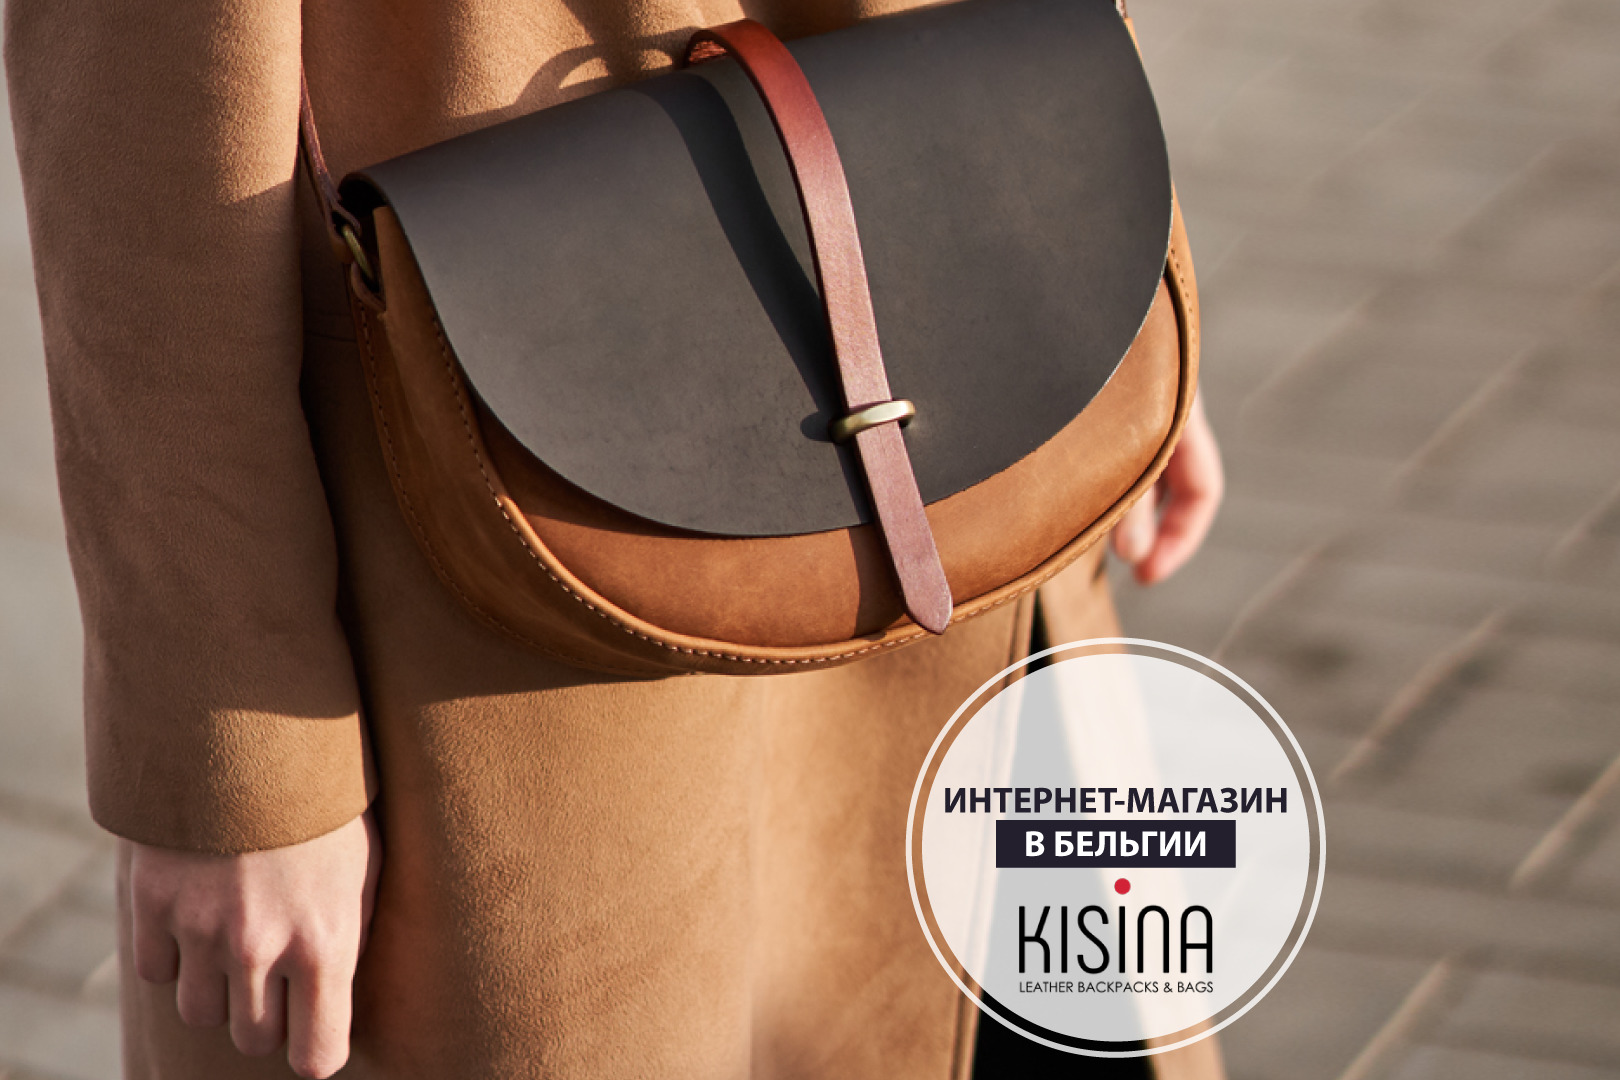 Разработка интернет-магазина кожаных рюкзаков в Бельгии и Нидерландах